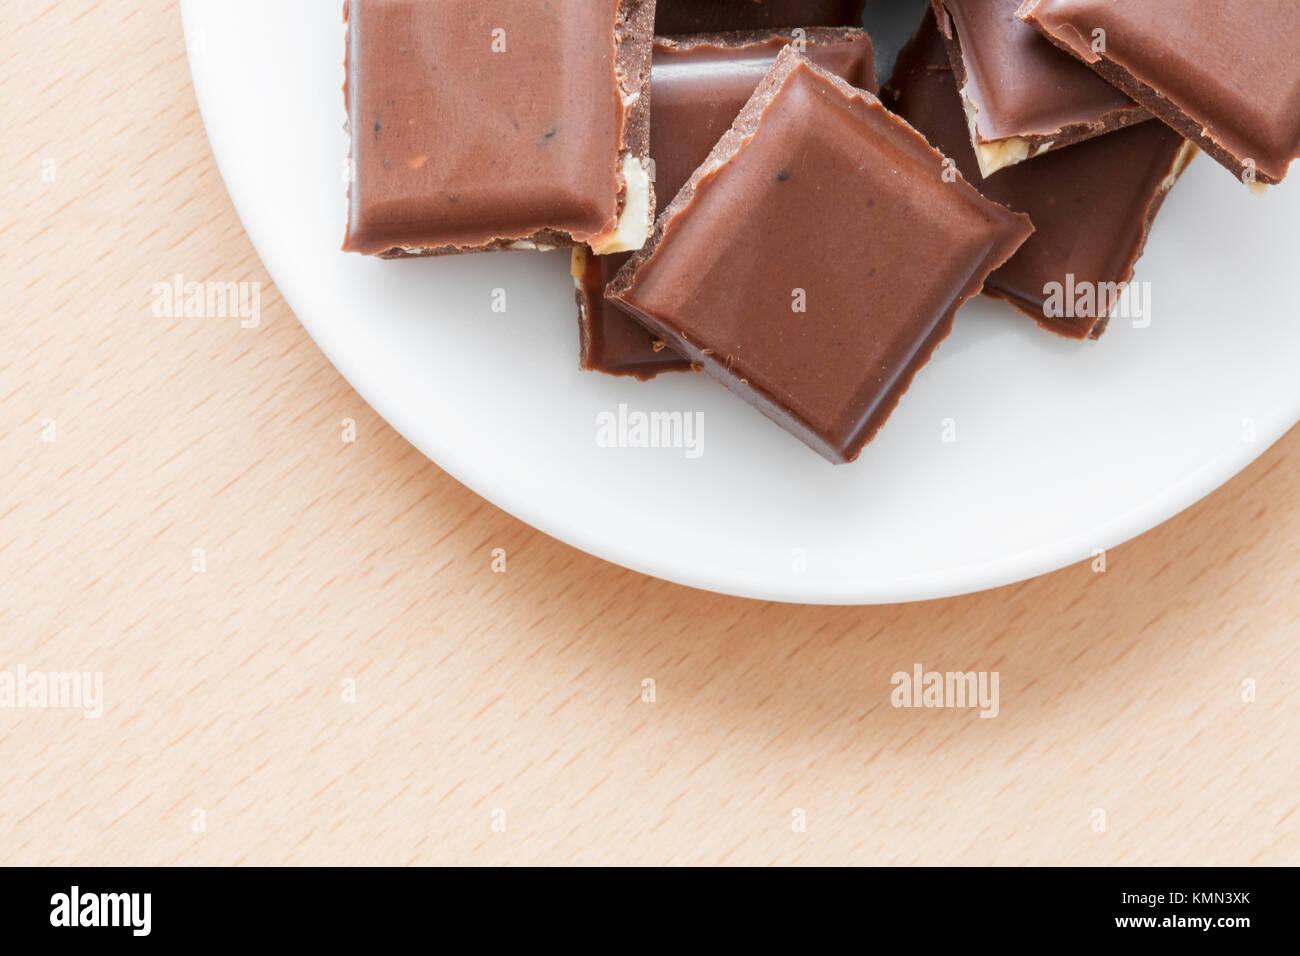 schokolade mit n ssen auf einem teller stockfoto bild 167650523 alamy. Black Bedroom Furniture Sets. Home Design Ideas